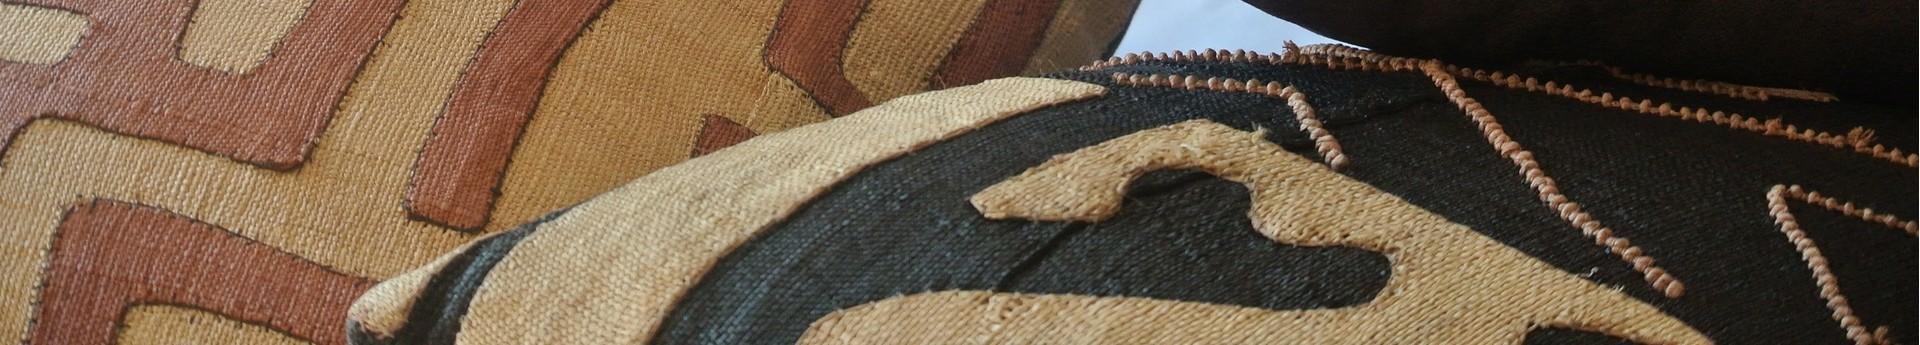 Matelas et Coussins africains, indiens, mexicains ..... Tissus colorés et Uniques